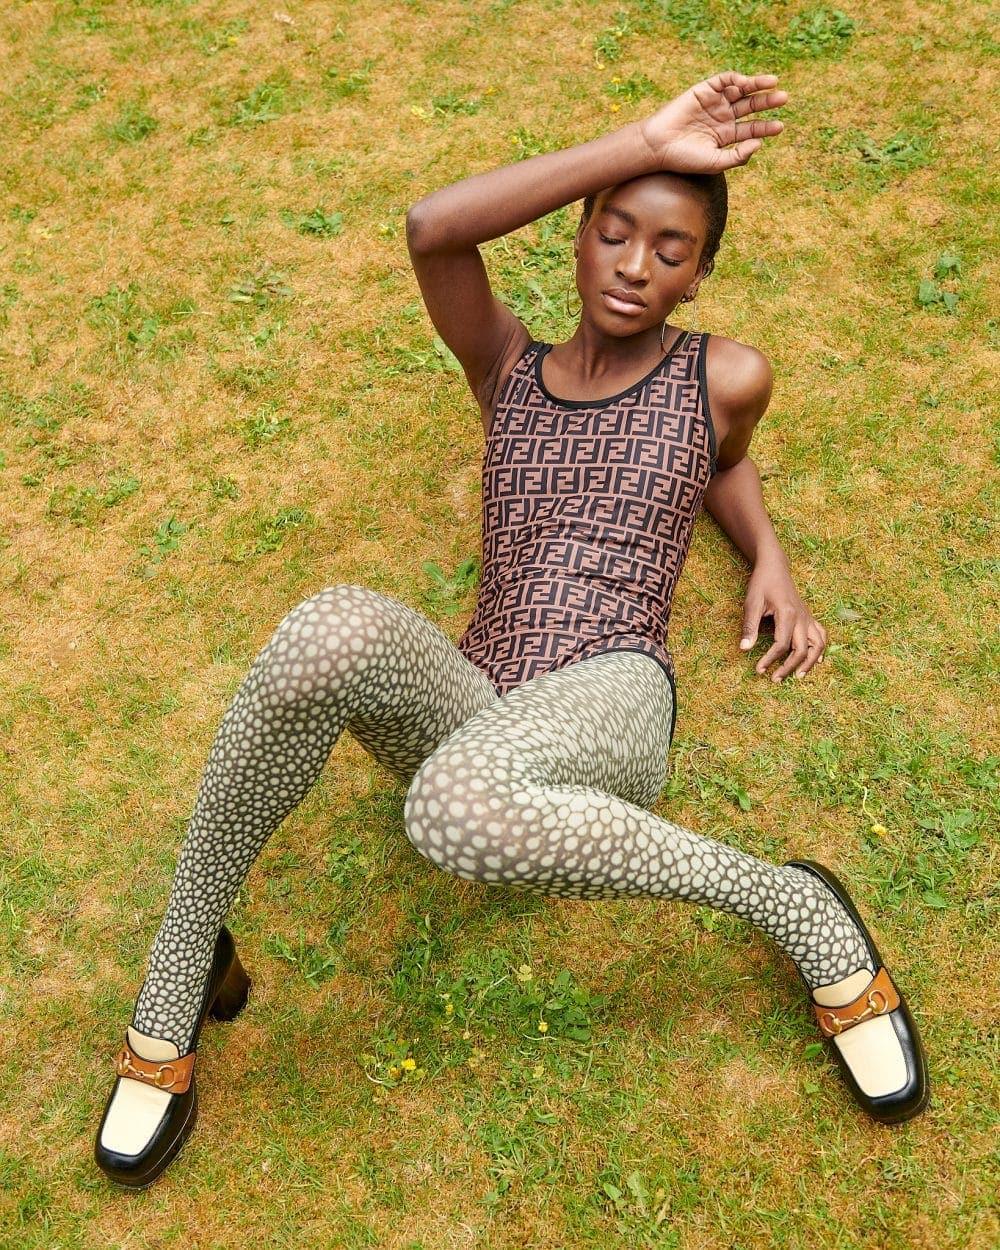 Model wears Fendi bodysuit and shoes